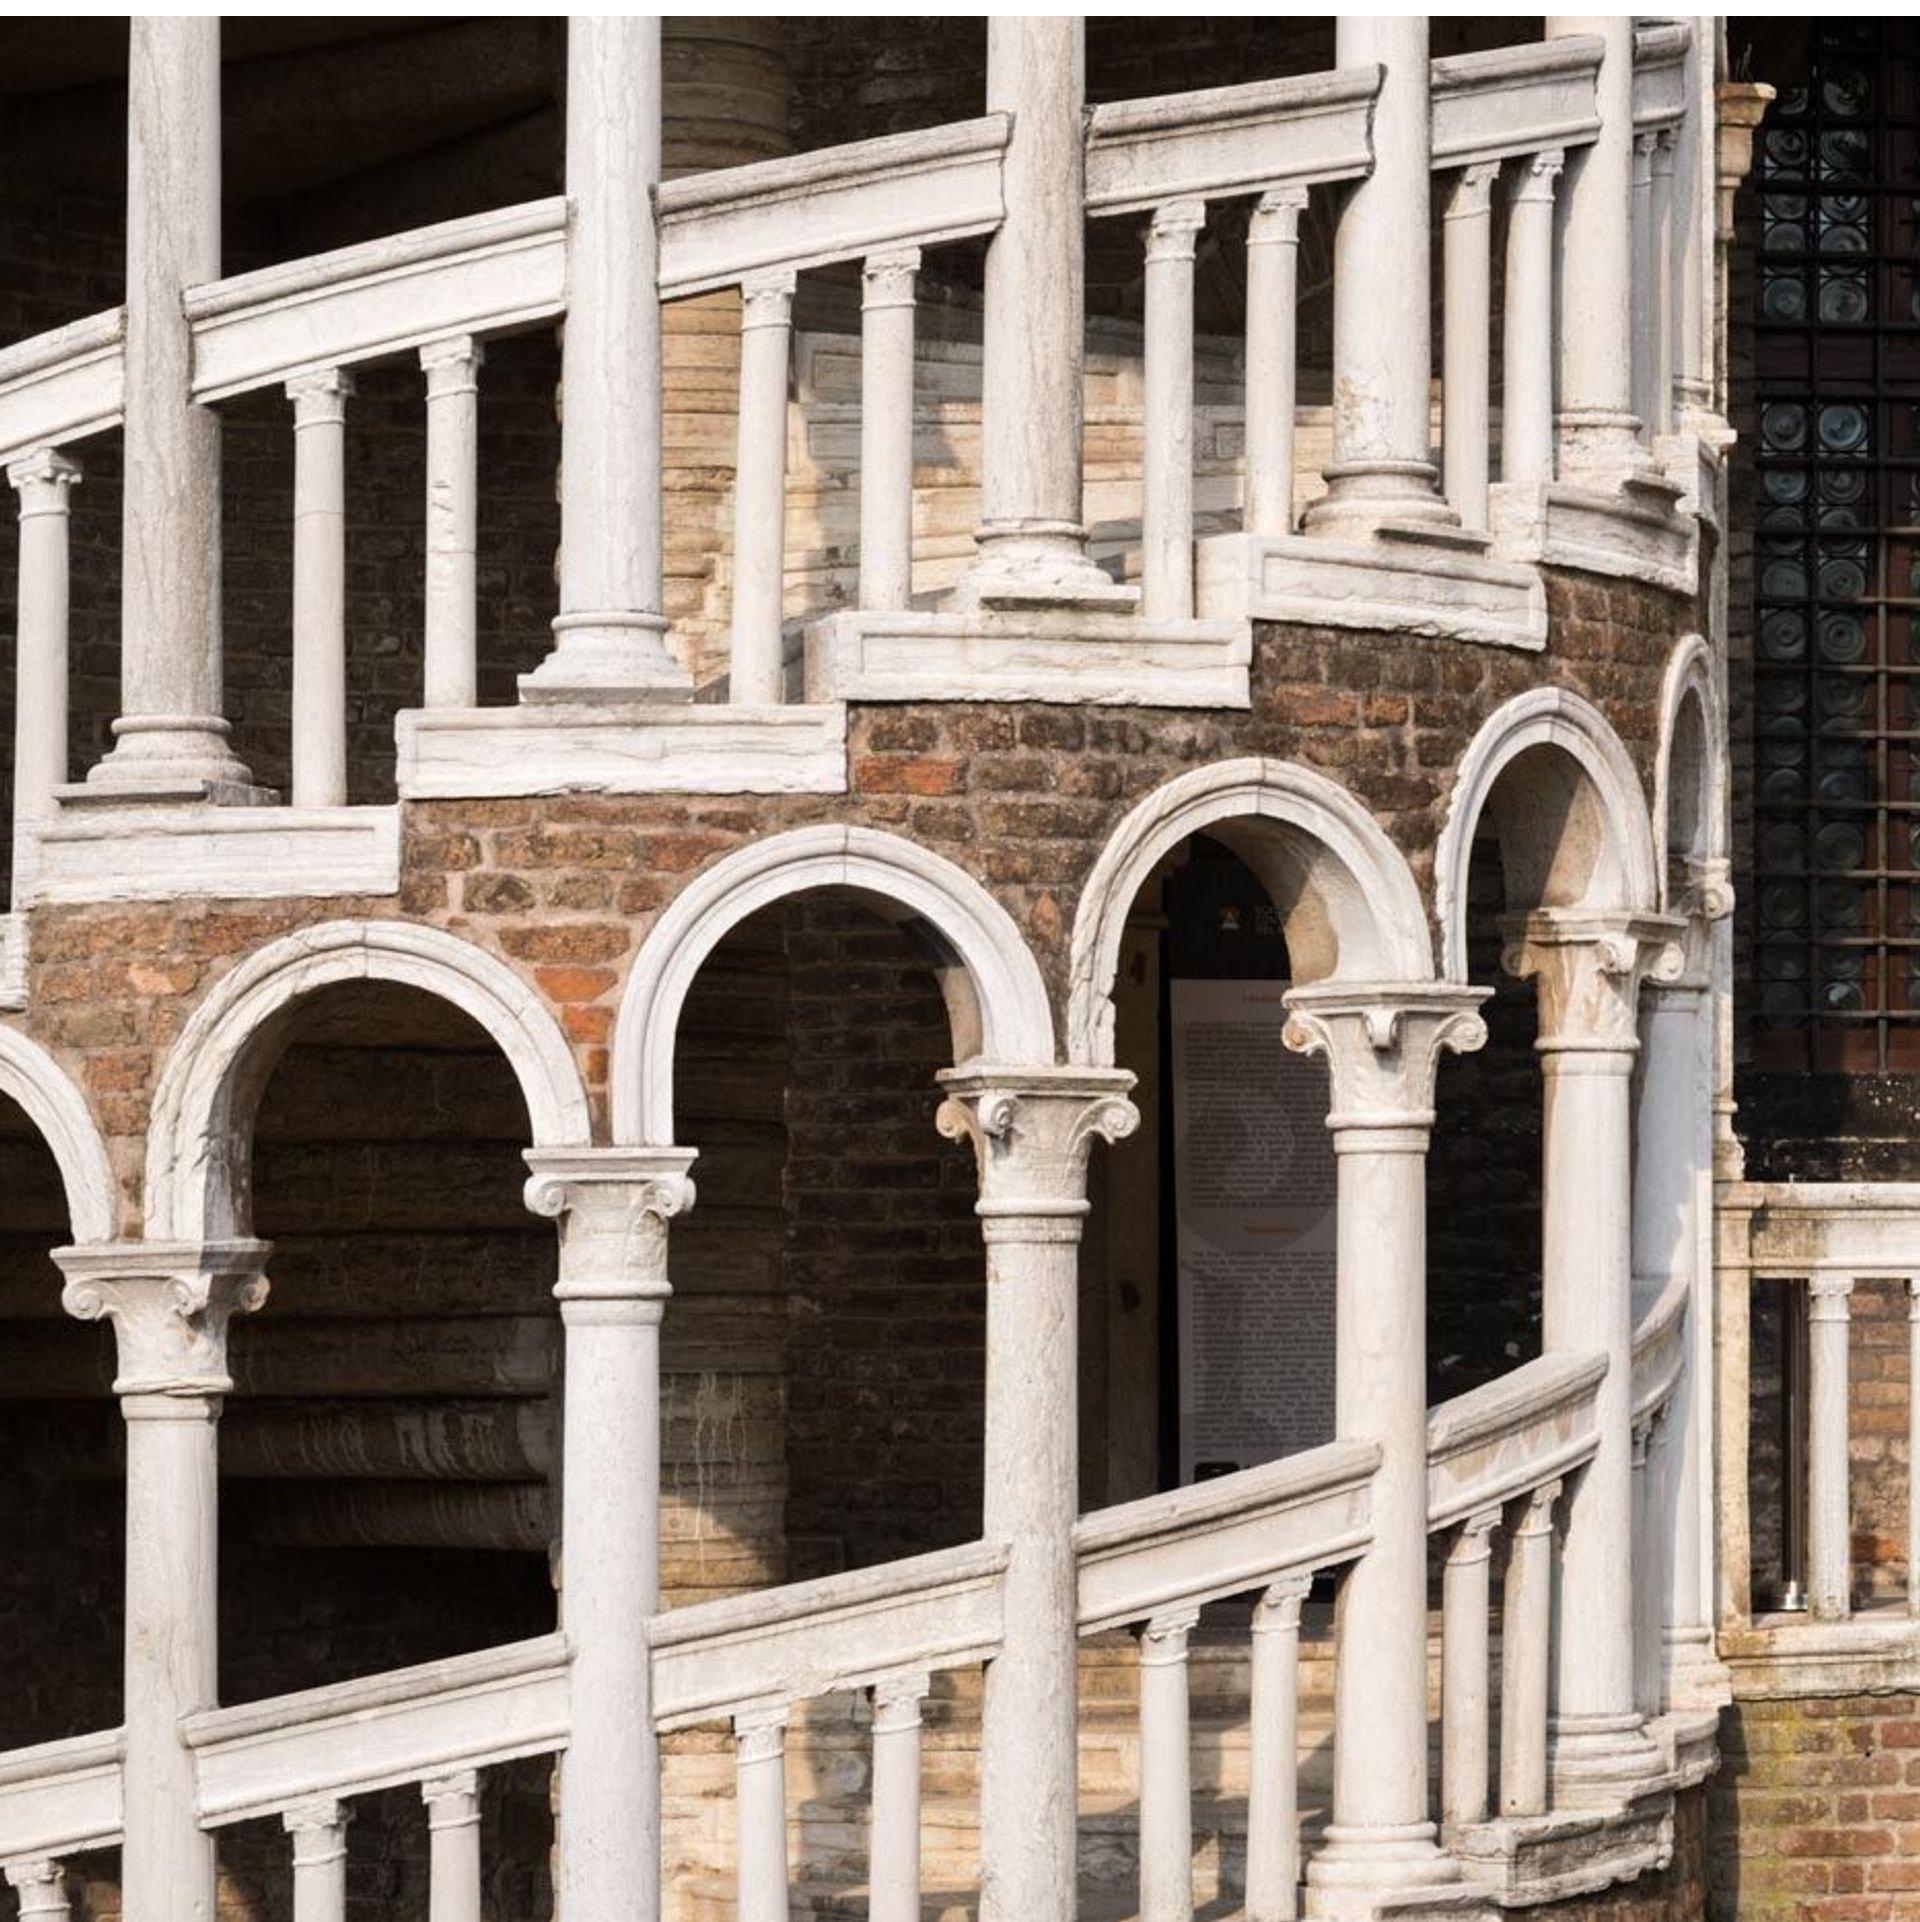 Descubre el encanto de Venecia paseando por la ciudad, disfrutando de exclusivos paseos en góndola o visitando las pintorescas islas de Murano y Burano.